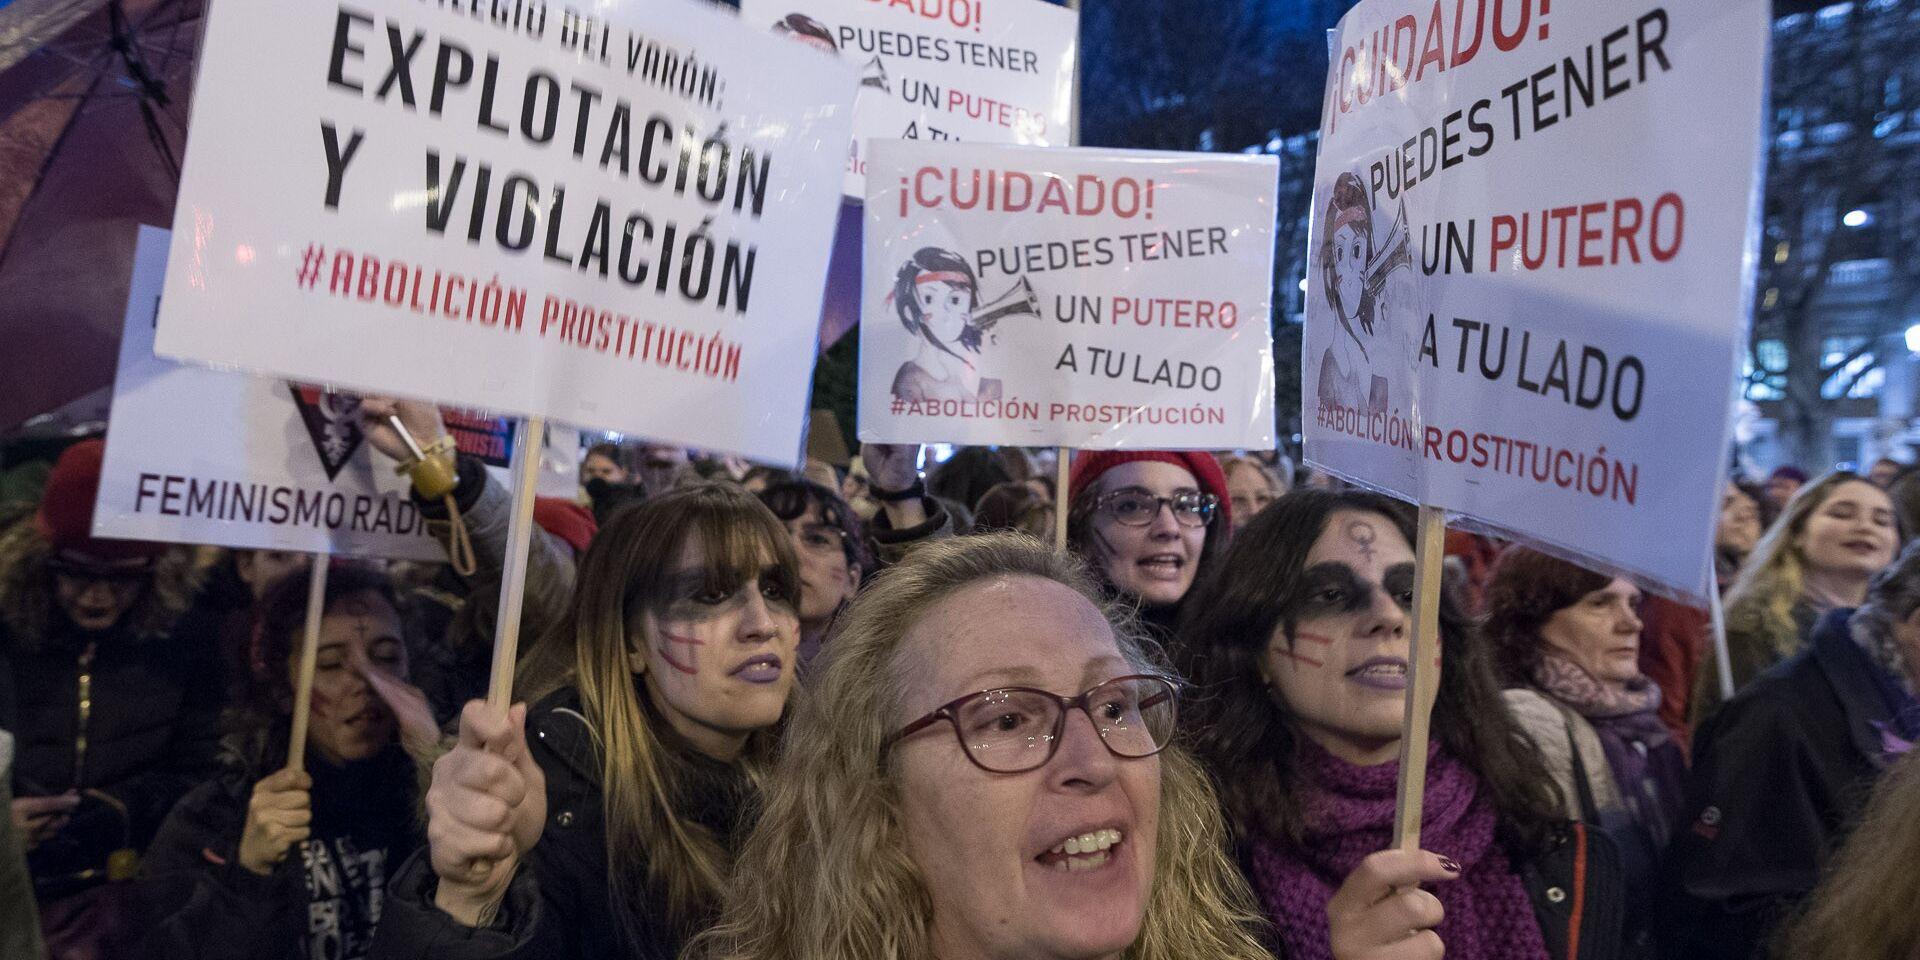 La Manifestación Feminista Desde Dentro Saca Tu Rosario De